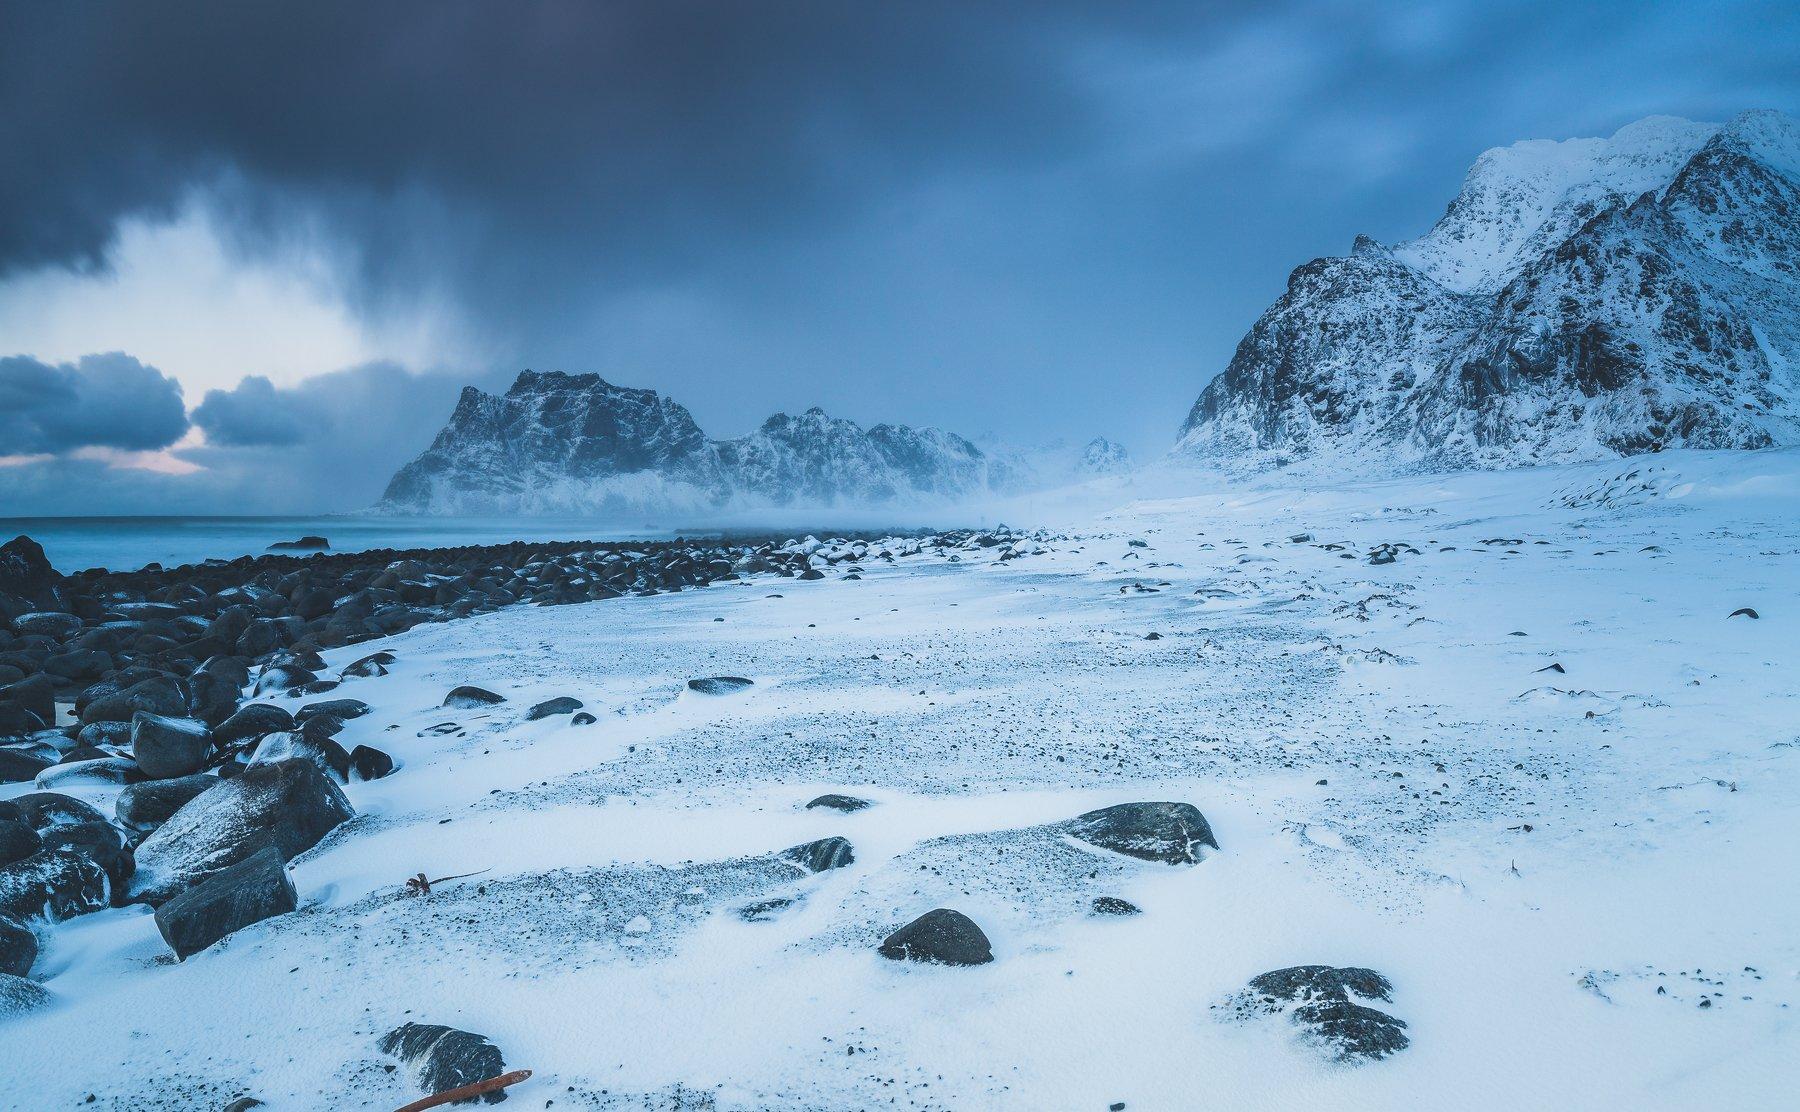 lofoten,norway,utakleiv,uttakleiv,winter,blue hour,norwegian,landscape,nature,, Szatewicz Adrian